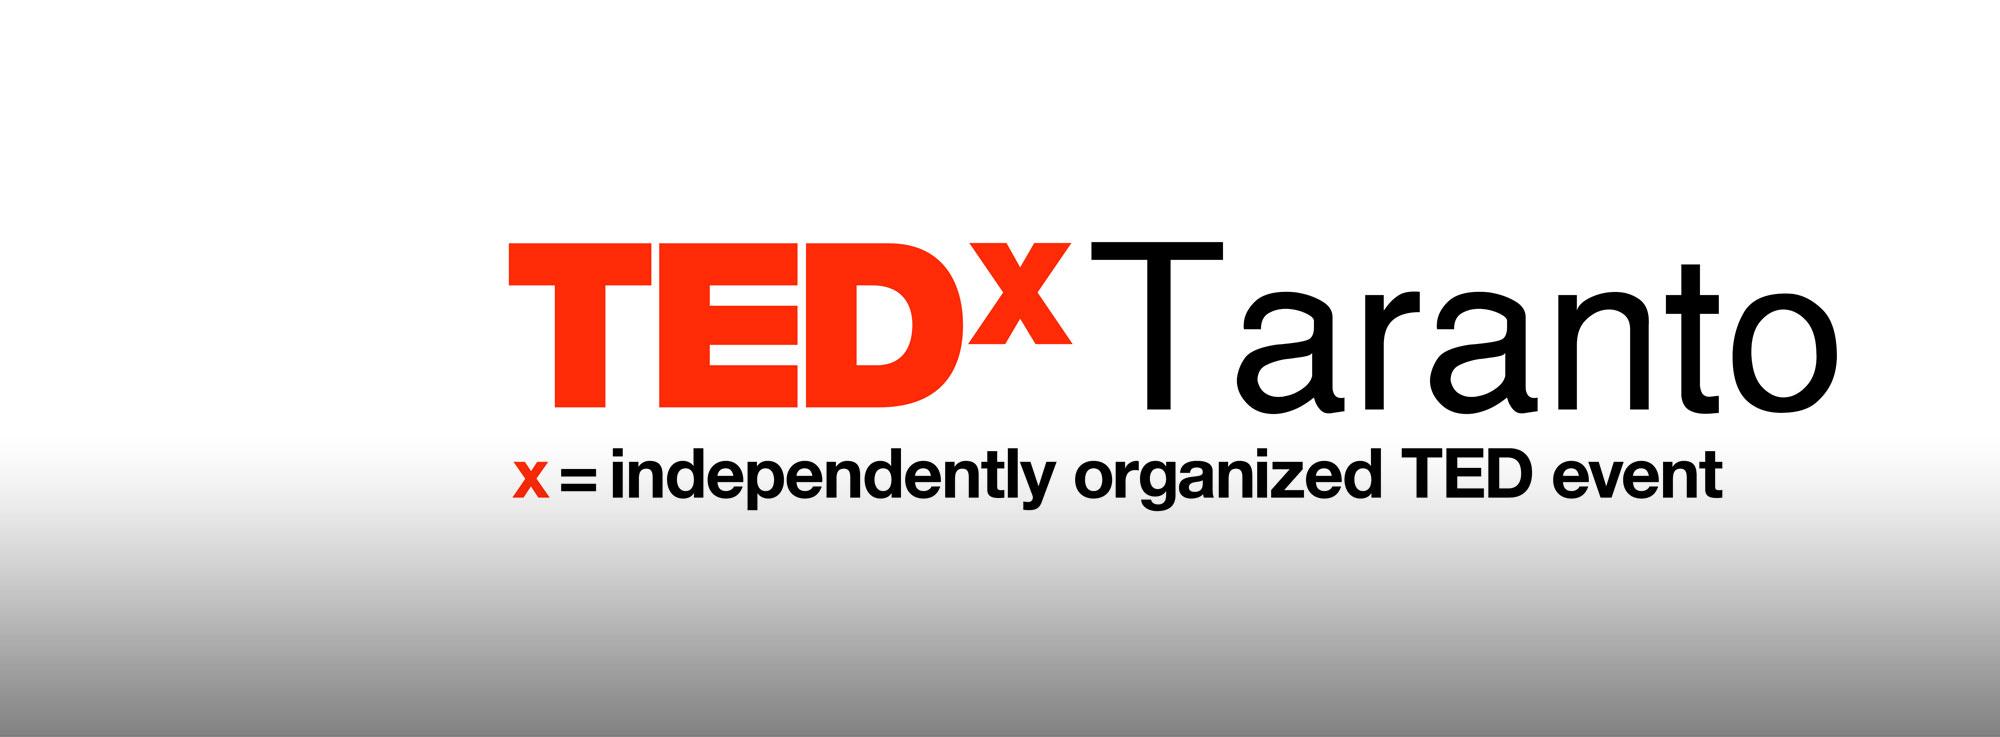 Taranto: TEDxTaranto